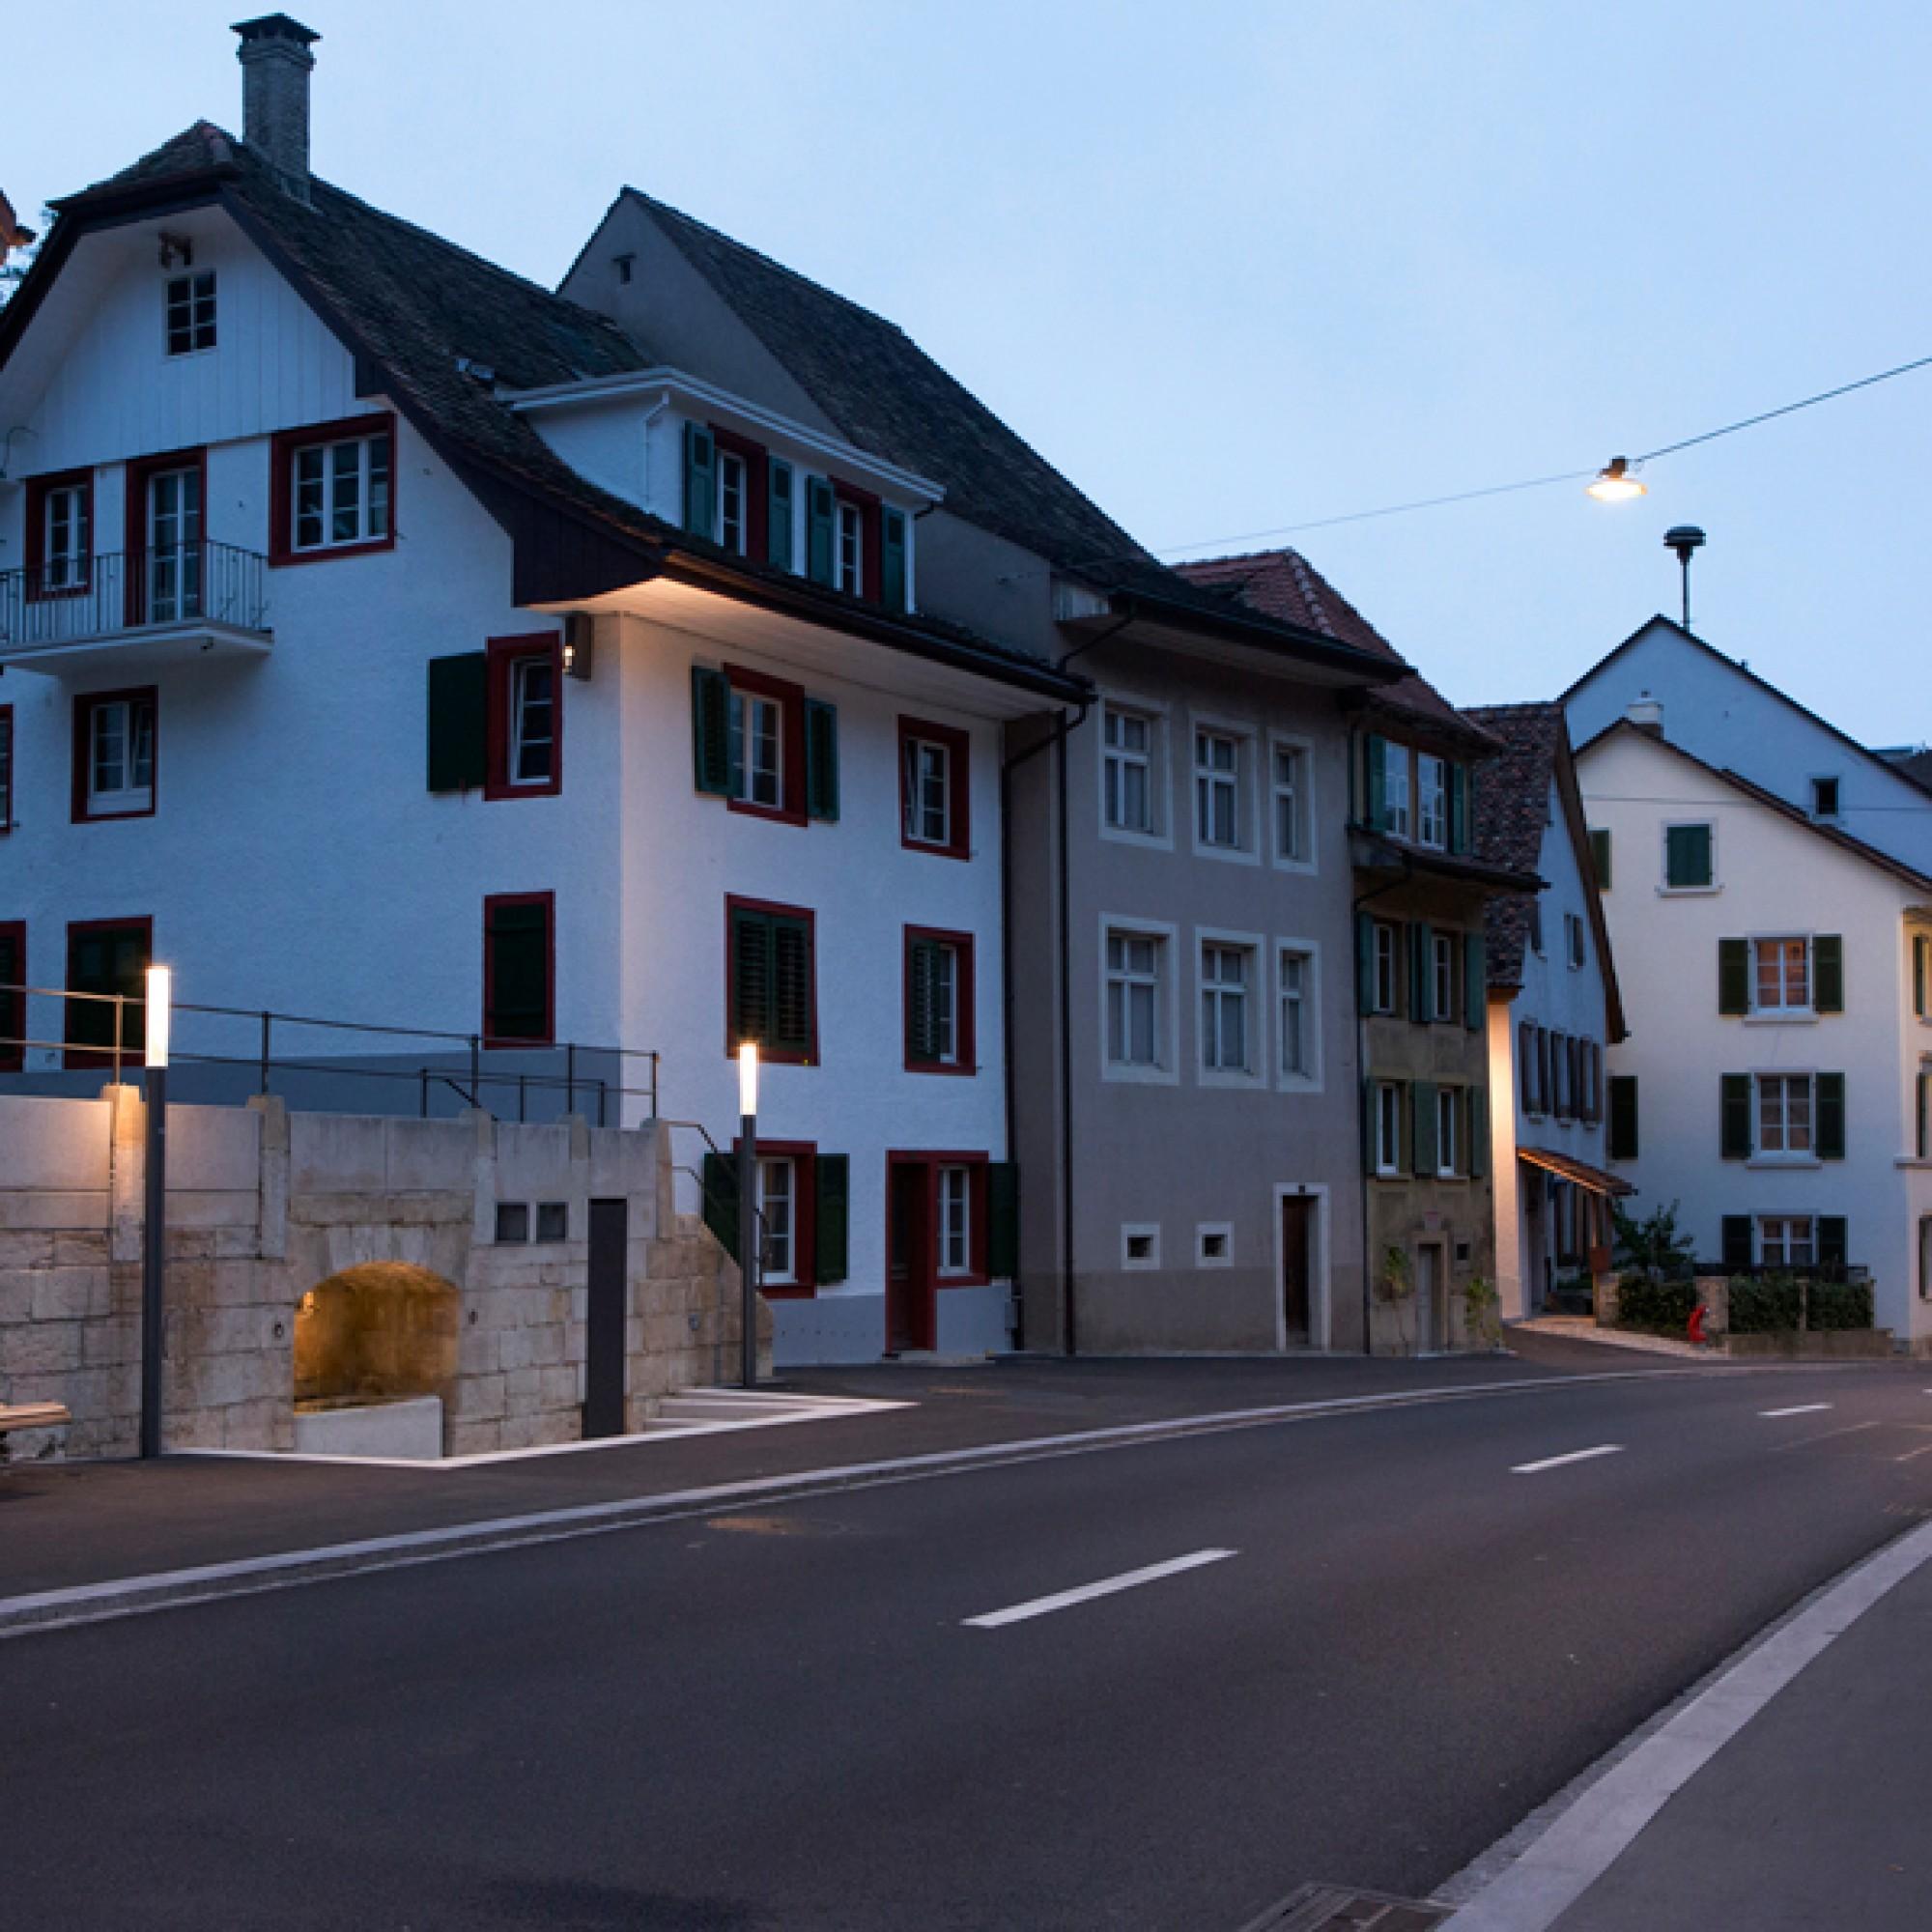 Stimmungsvolles Licht an der Ortsdurchfahrt von Waldenburg. (Ralph Lehner Fotografie, Allschwil / PD) 1/3